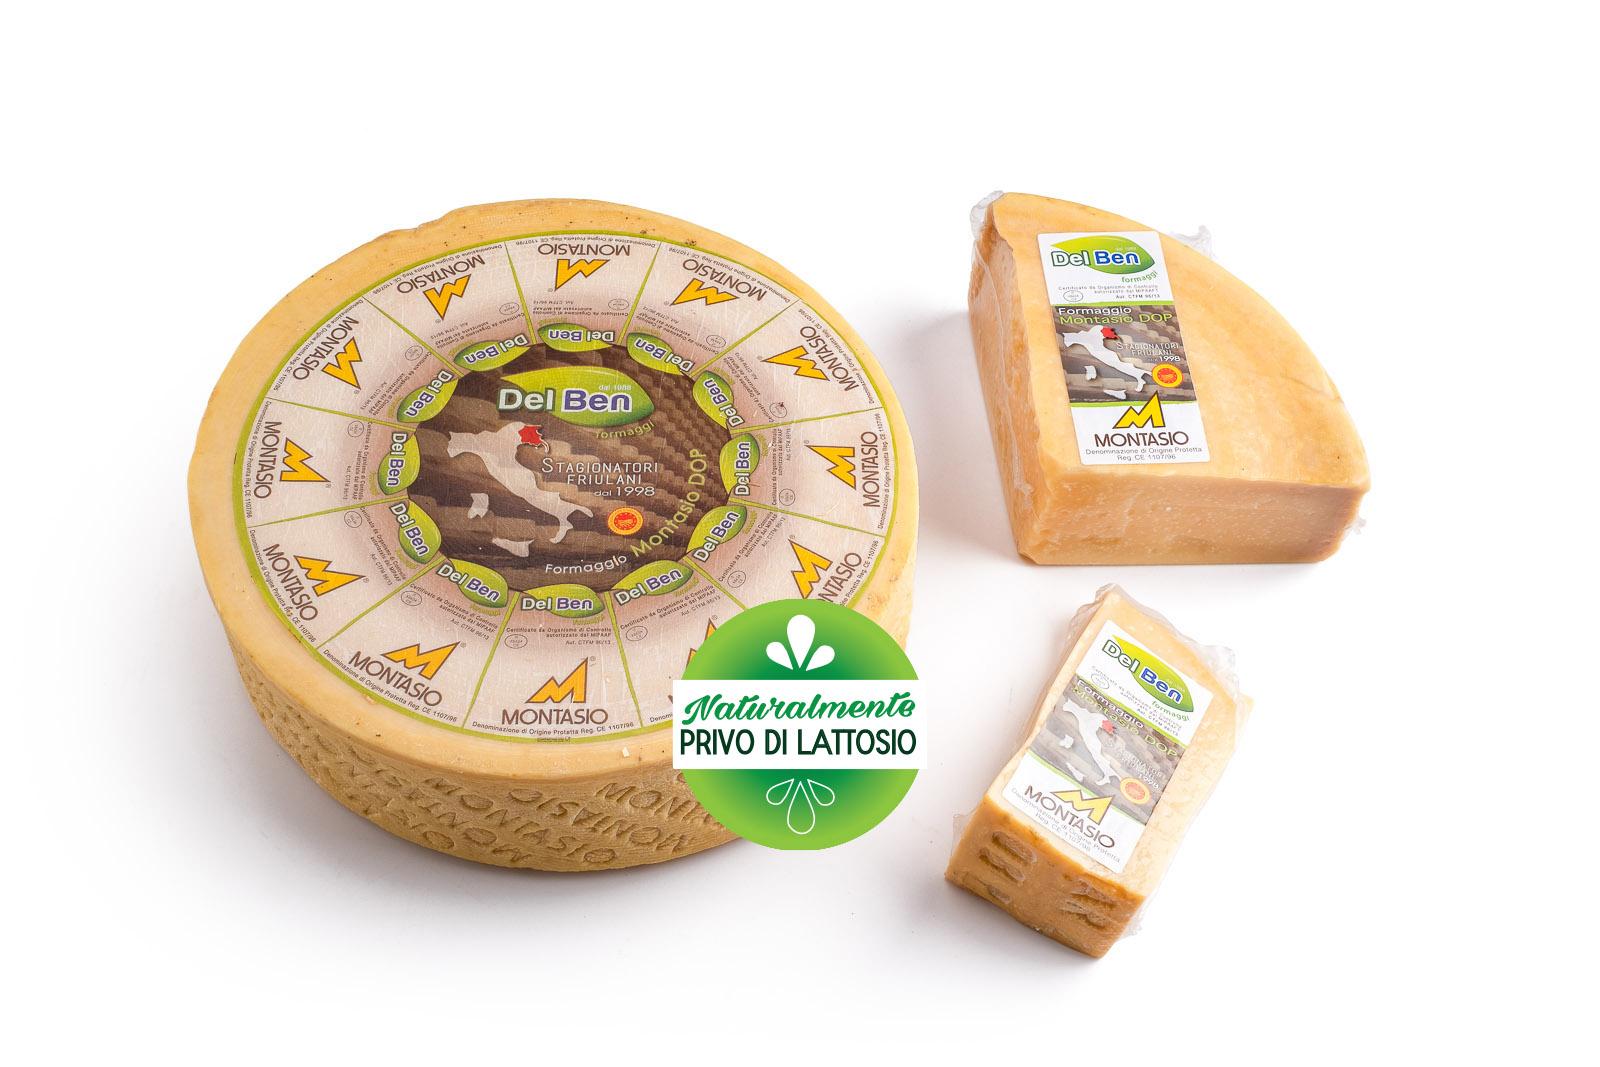 Formaggio - senza lattosio - Montasio stravecchio - DOP PN casello 208 - Del Ben formaggi